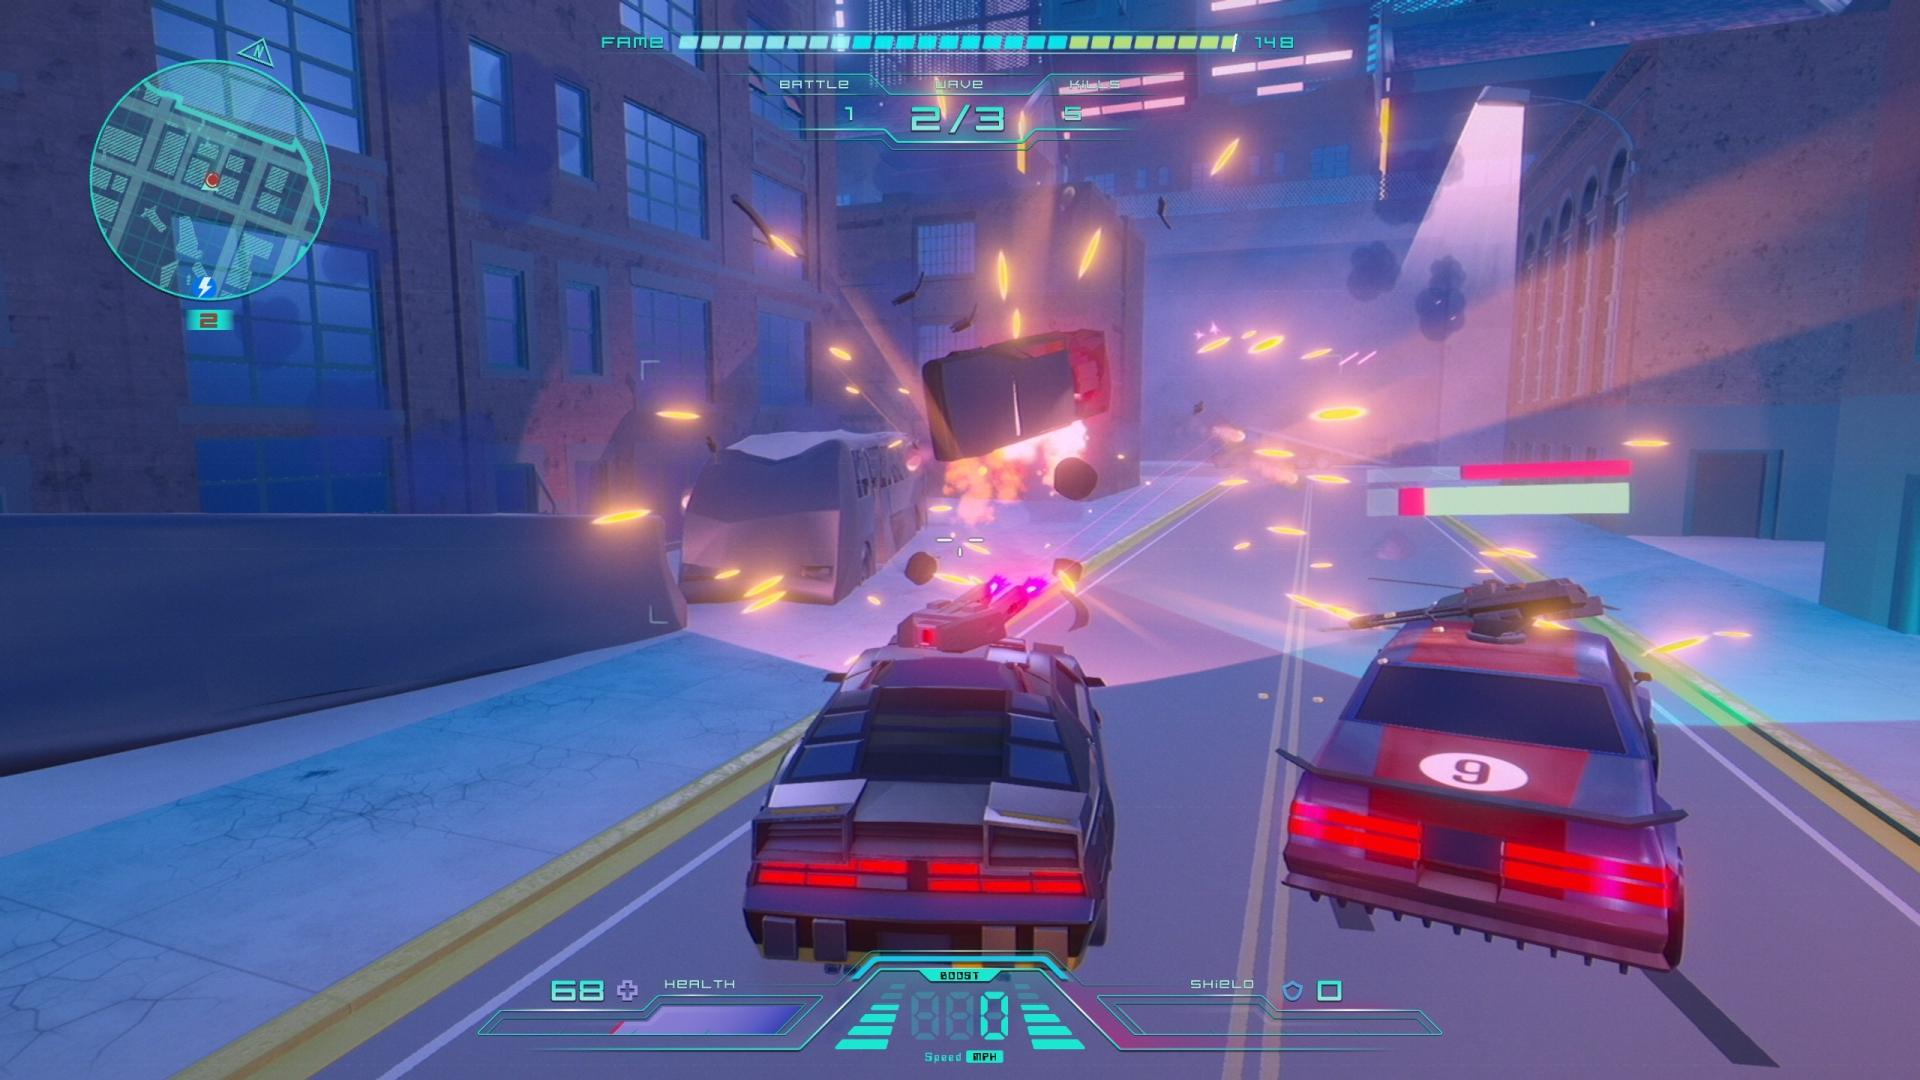 ナイトウルフ - 爆発